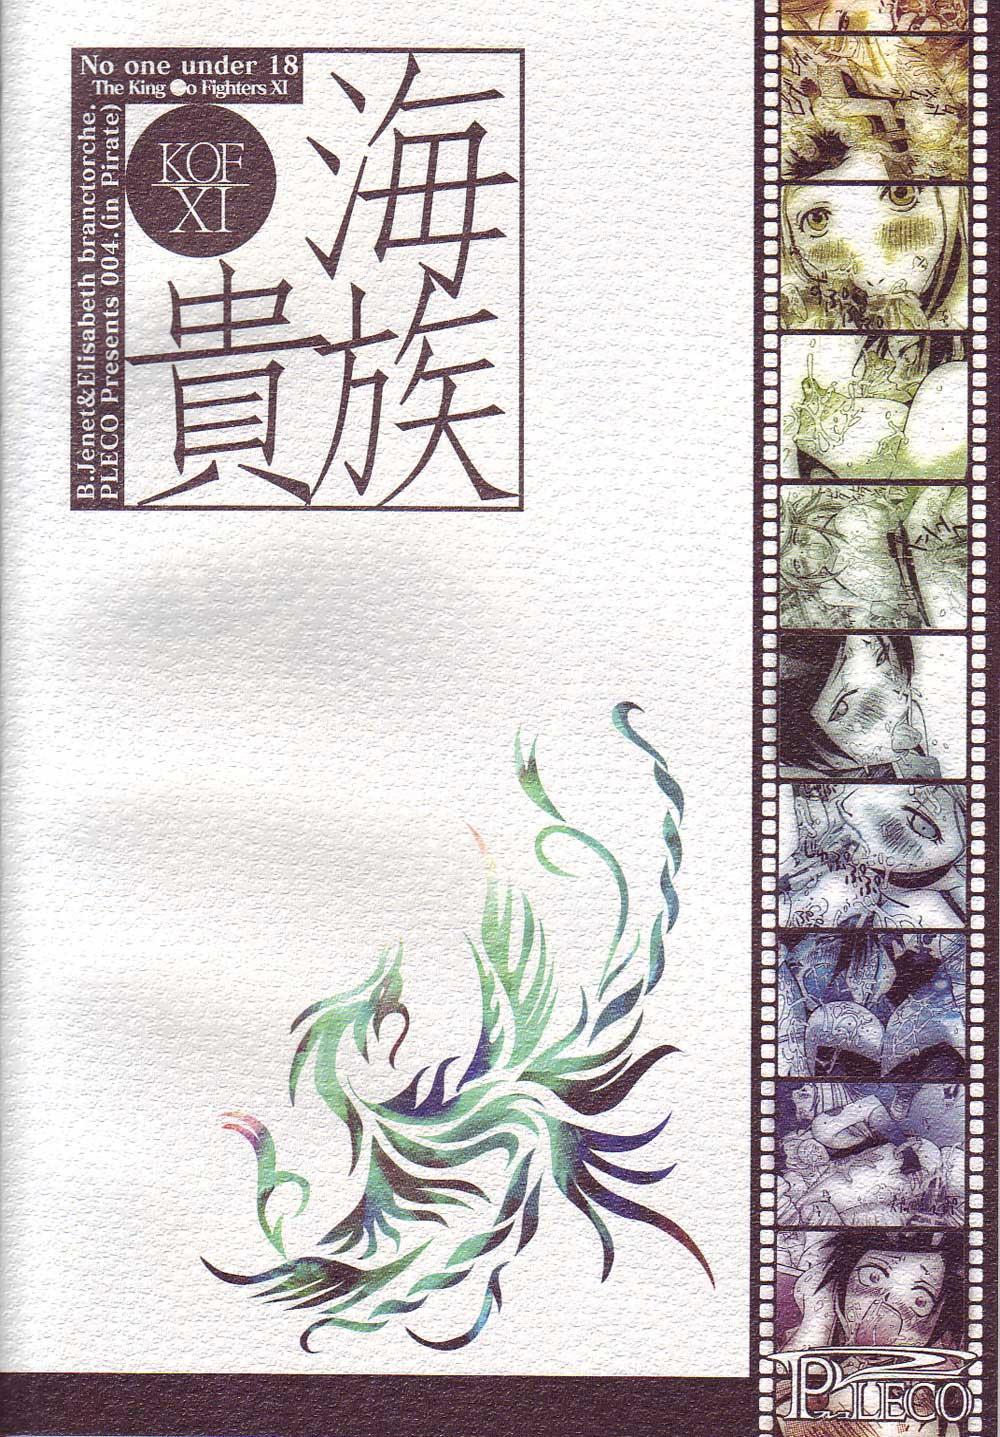 Kaizoku Kizoku 21